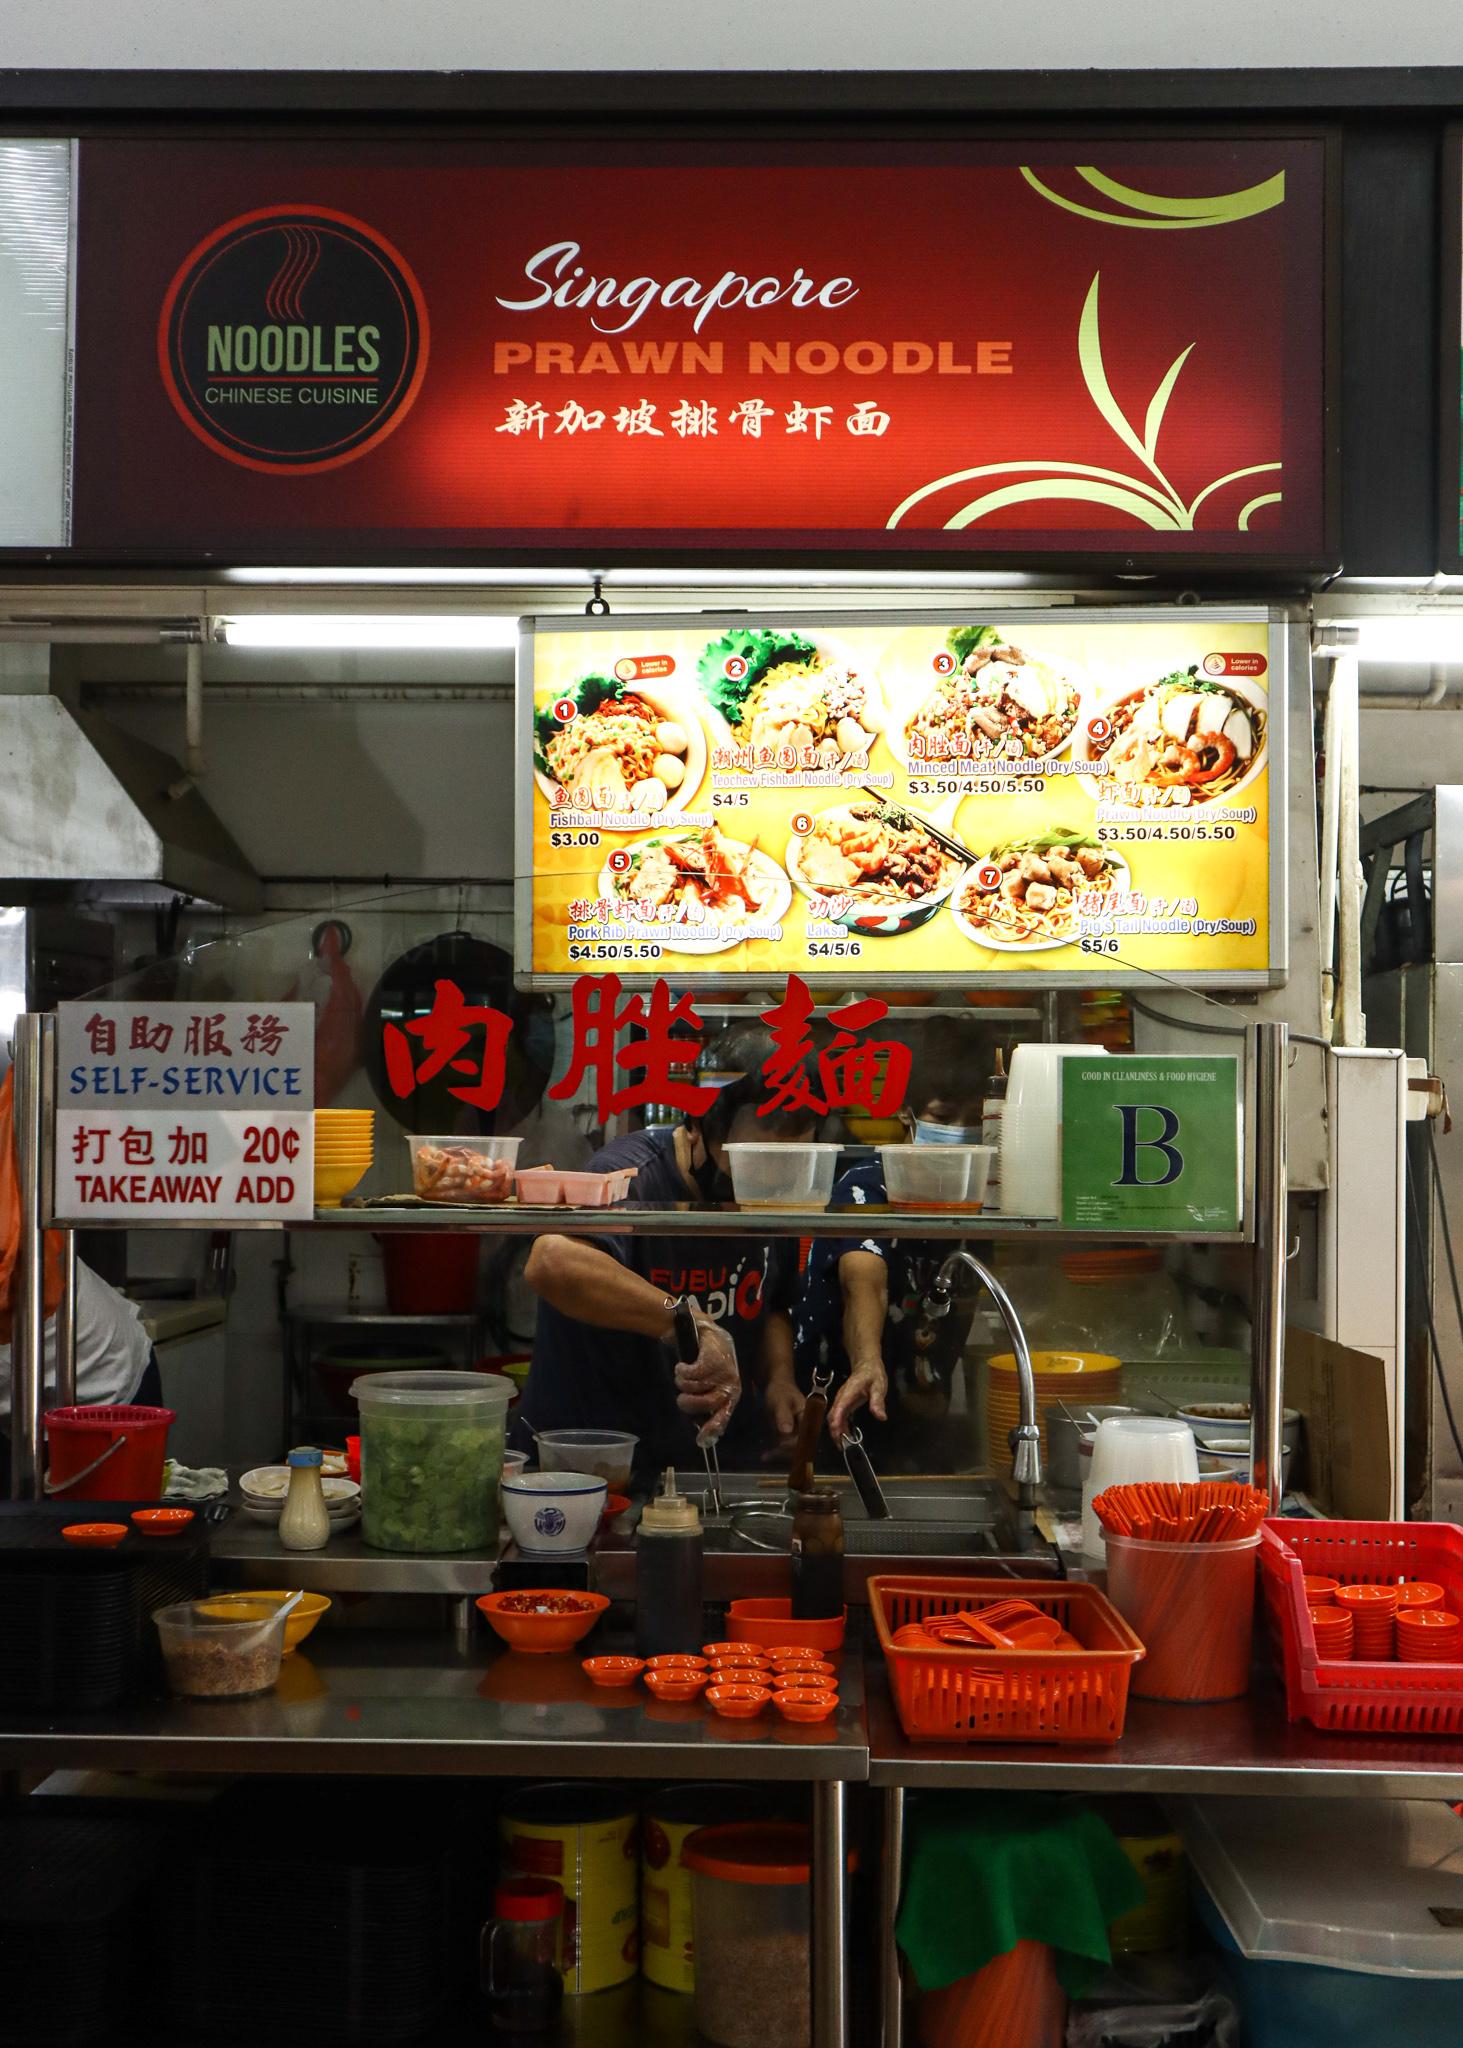 singaporeprawnnoodle-09